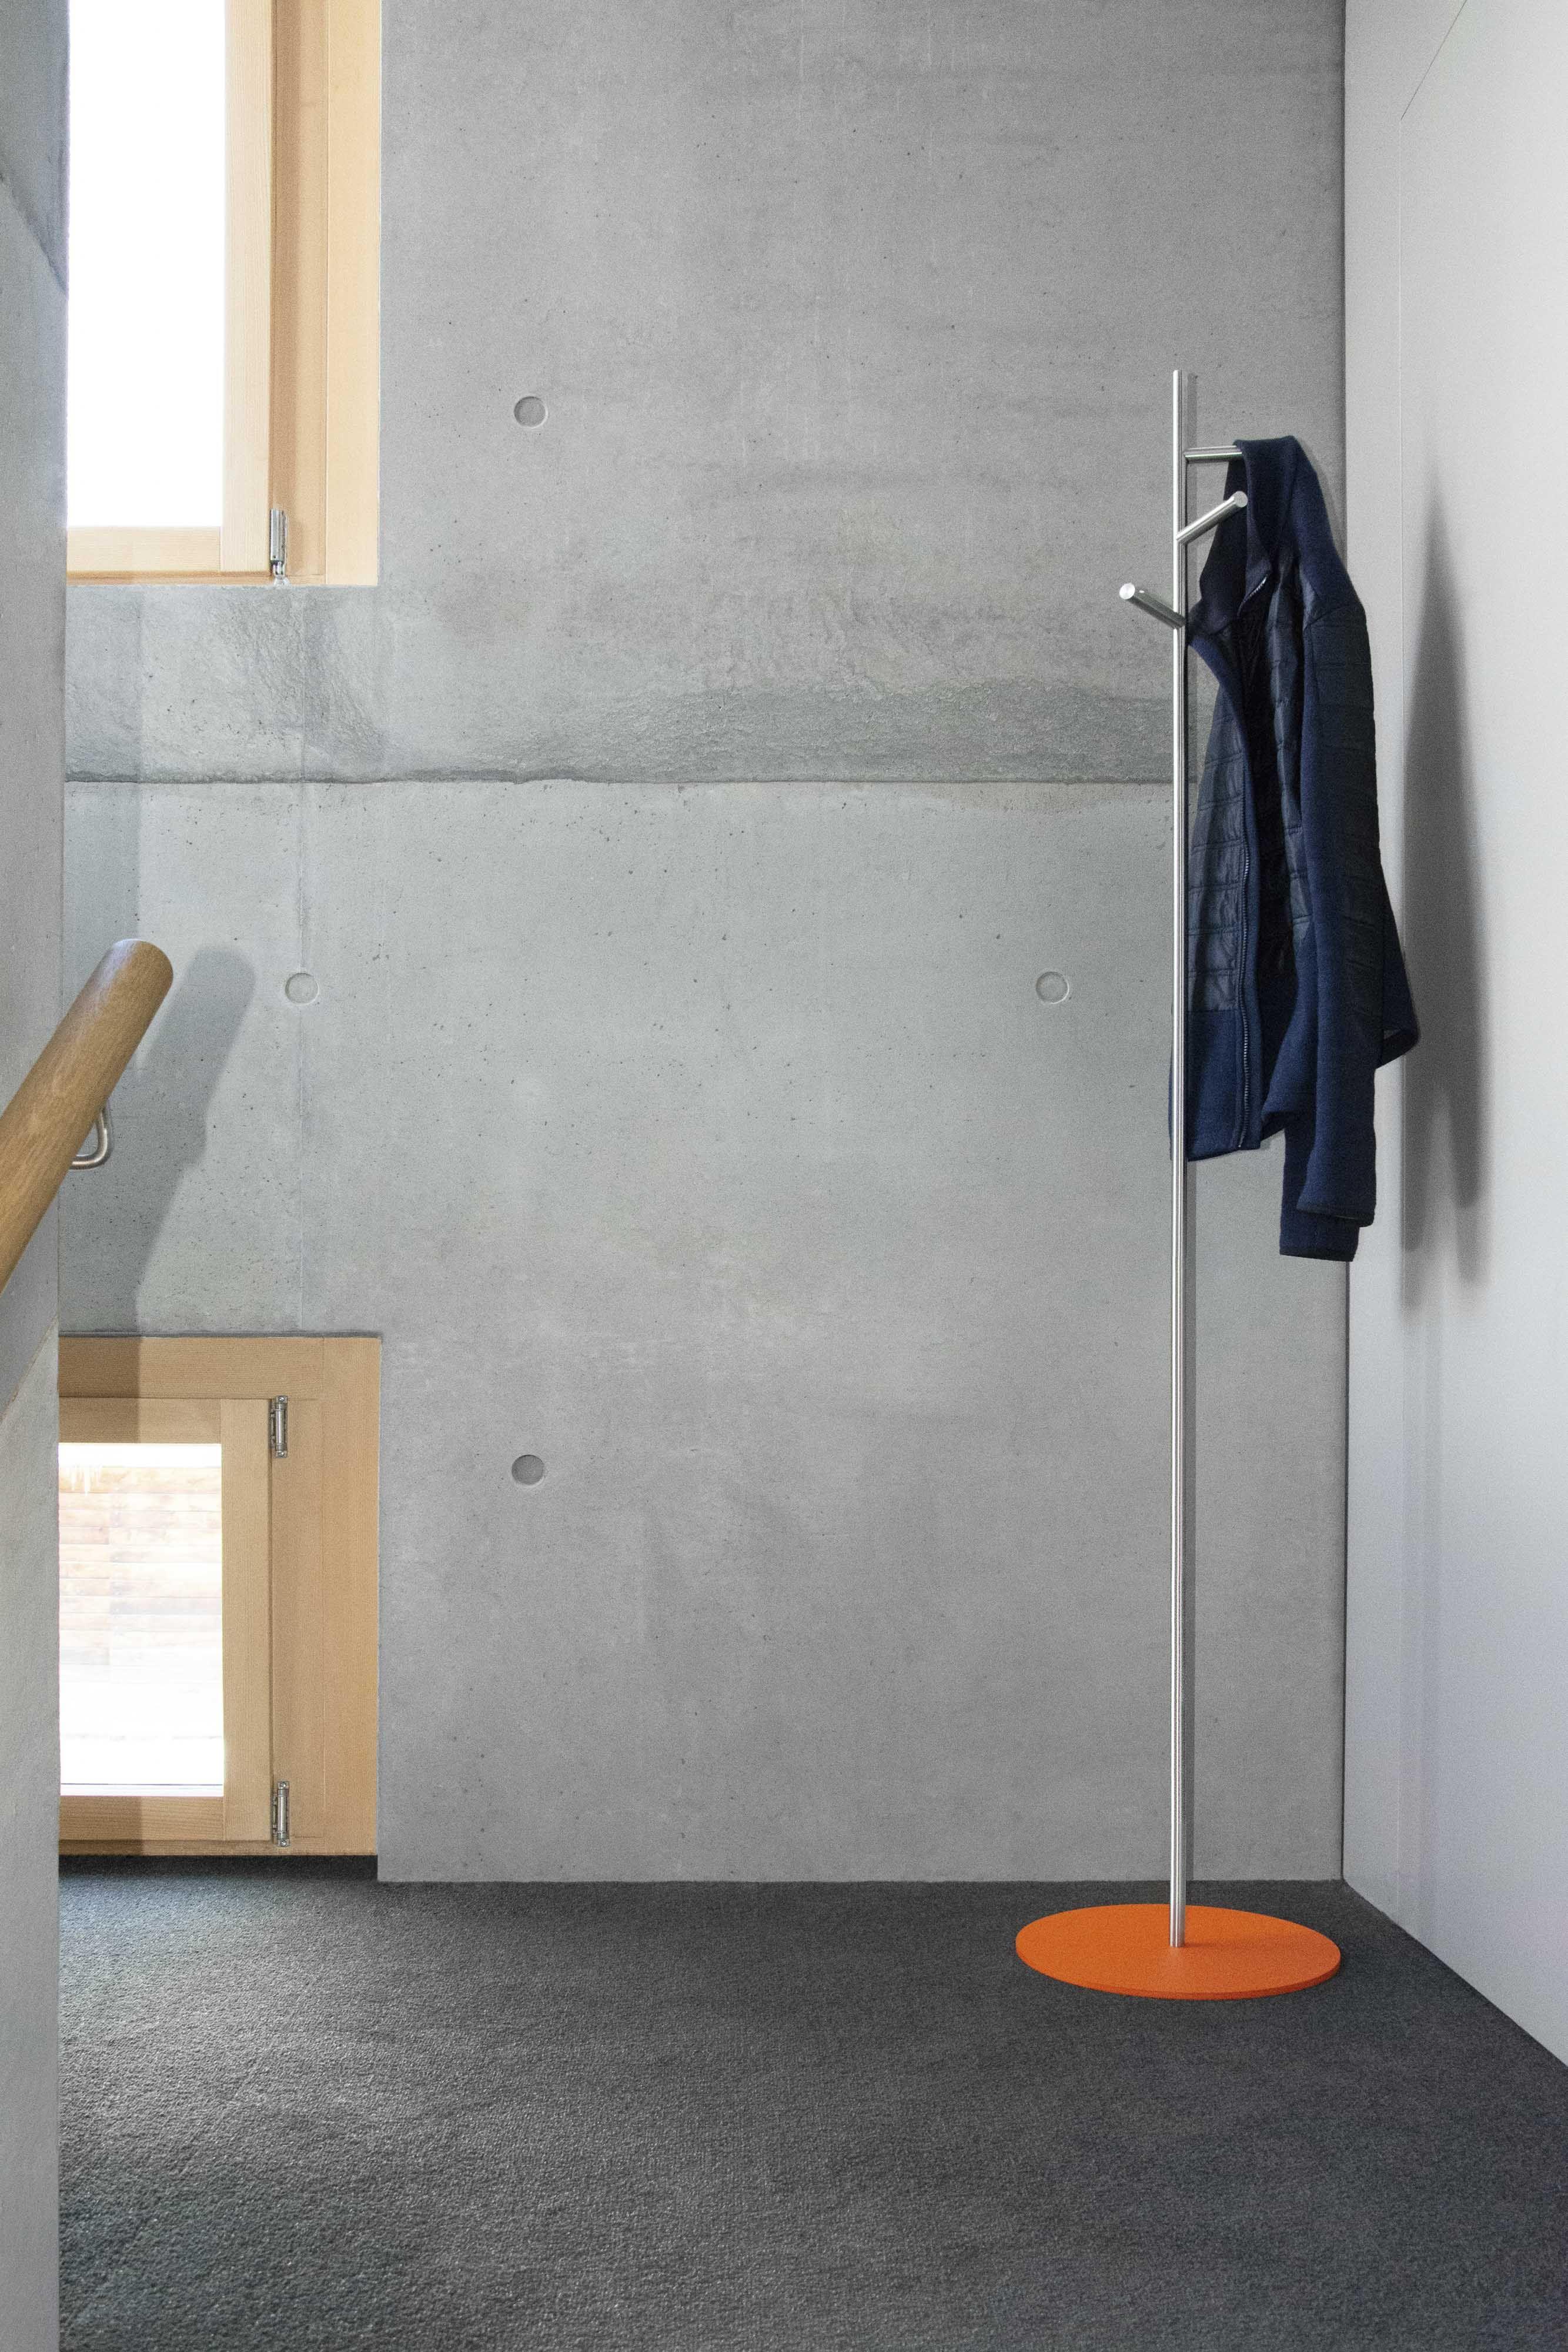 Kleiderstander Mit Bodenplatte In Orange Garderobe Edelstahl